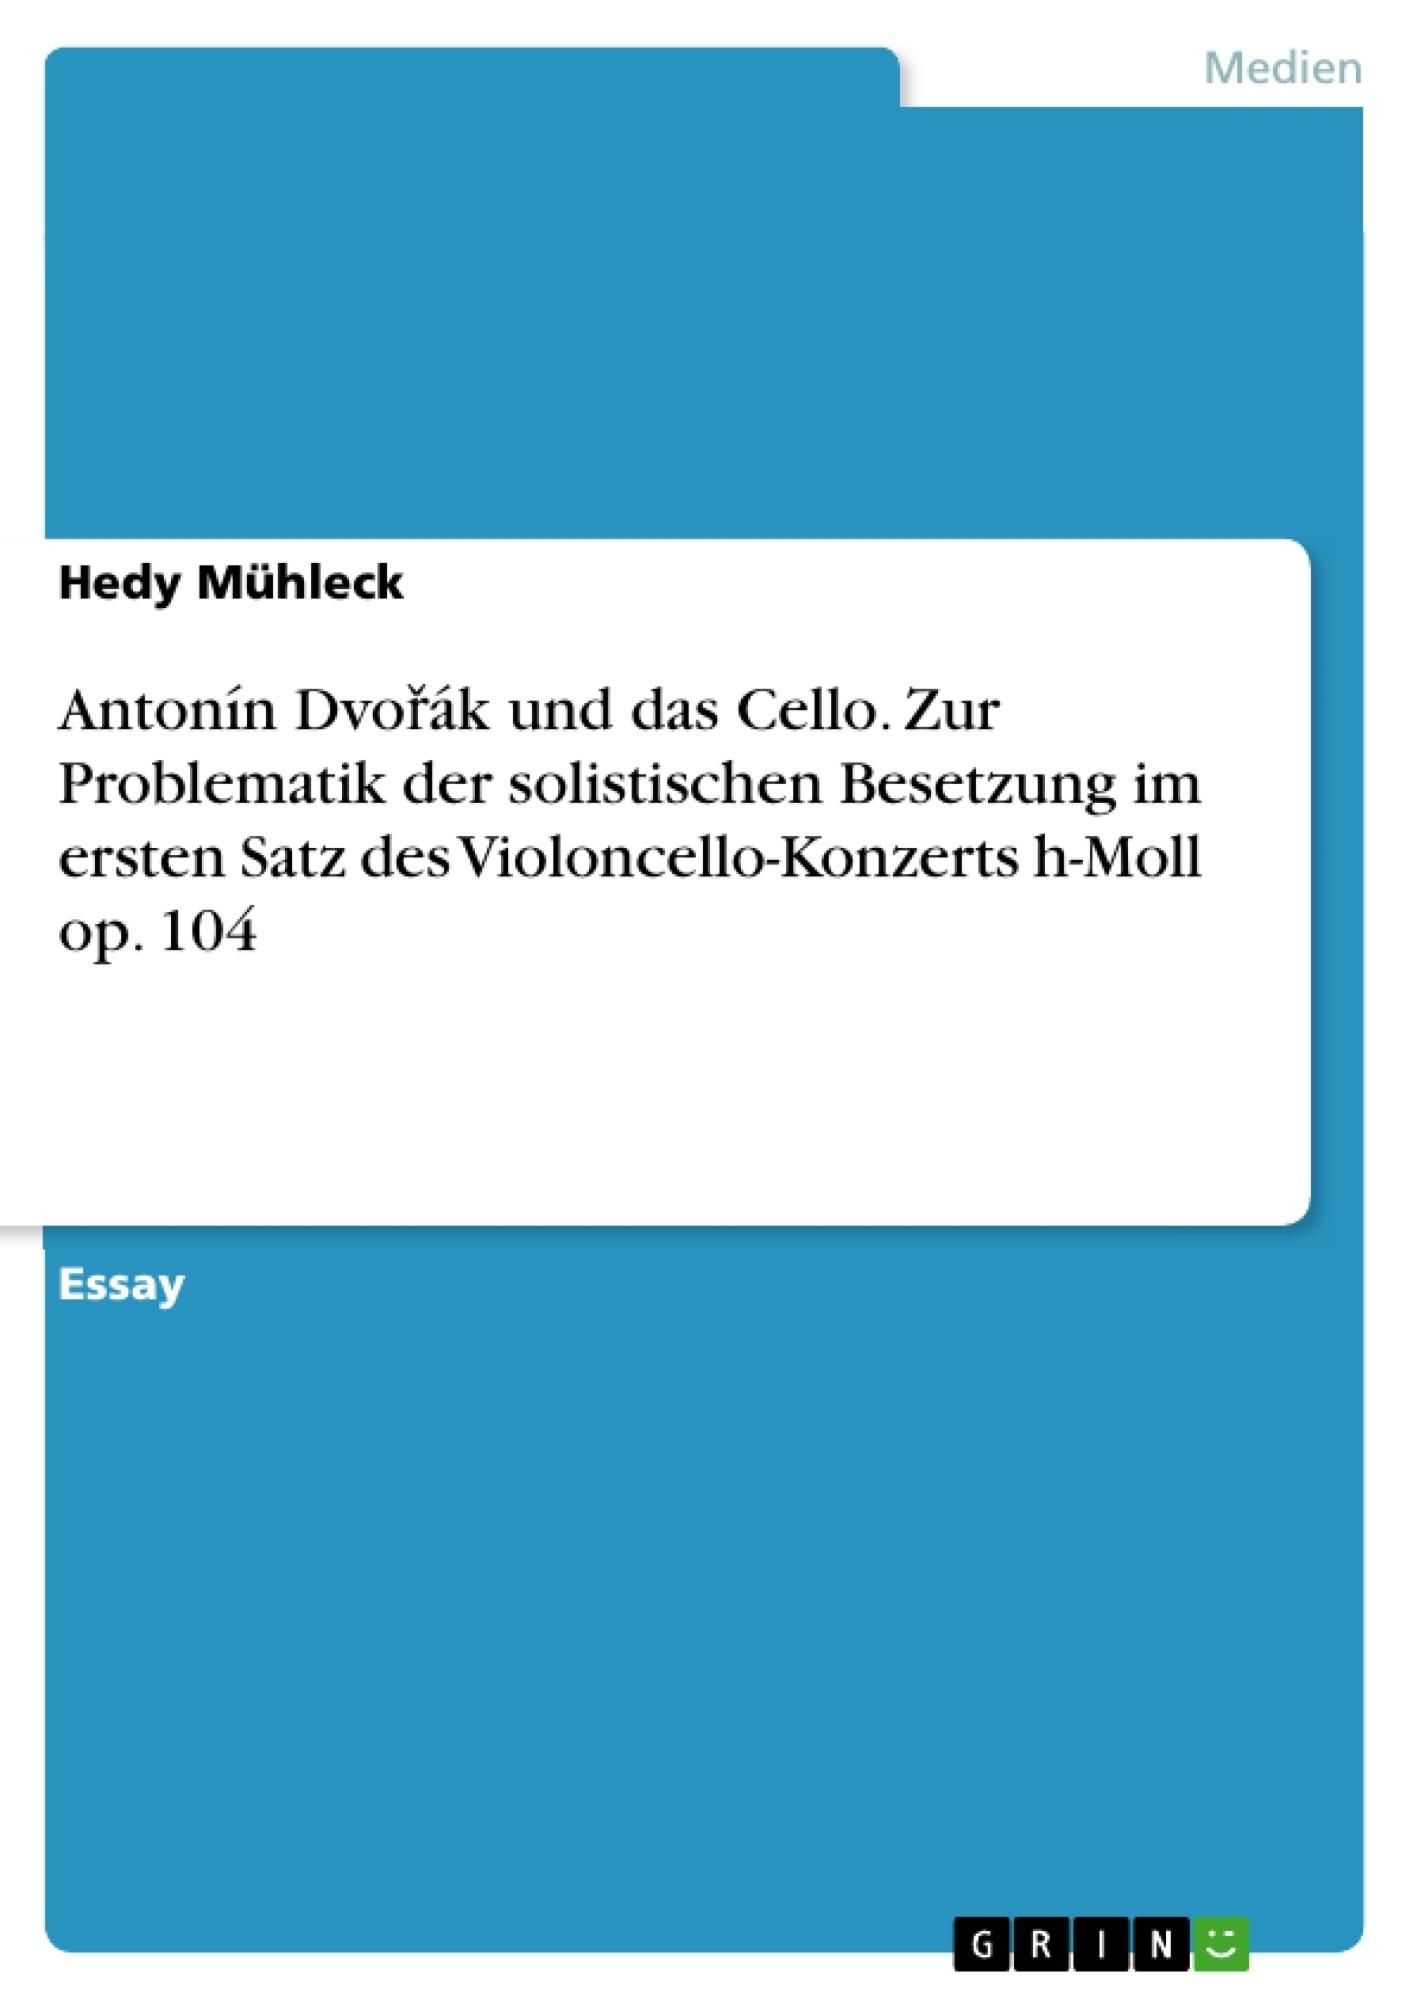 Titel: Antonín Dvořák und das Cello. Zur Problematik der solistischen Besetzung im ersten Satz des Violoncello-Konzerts h-Moll op. 104